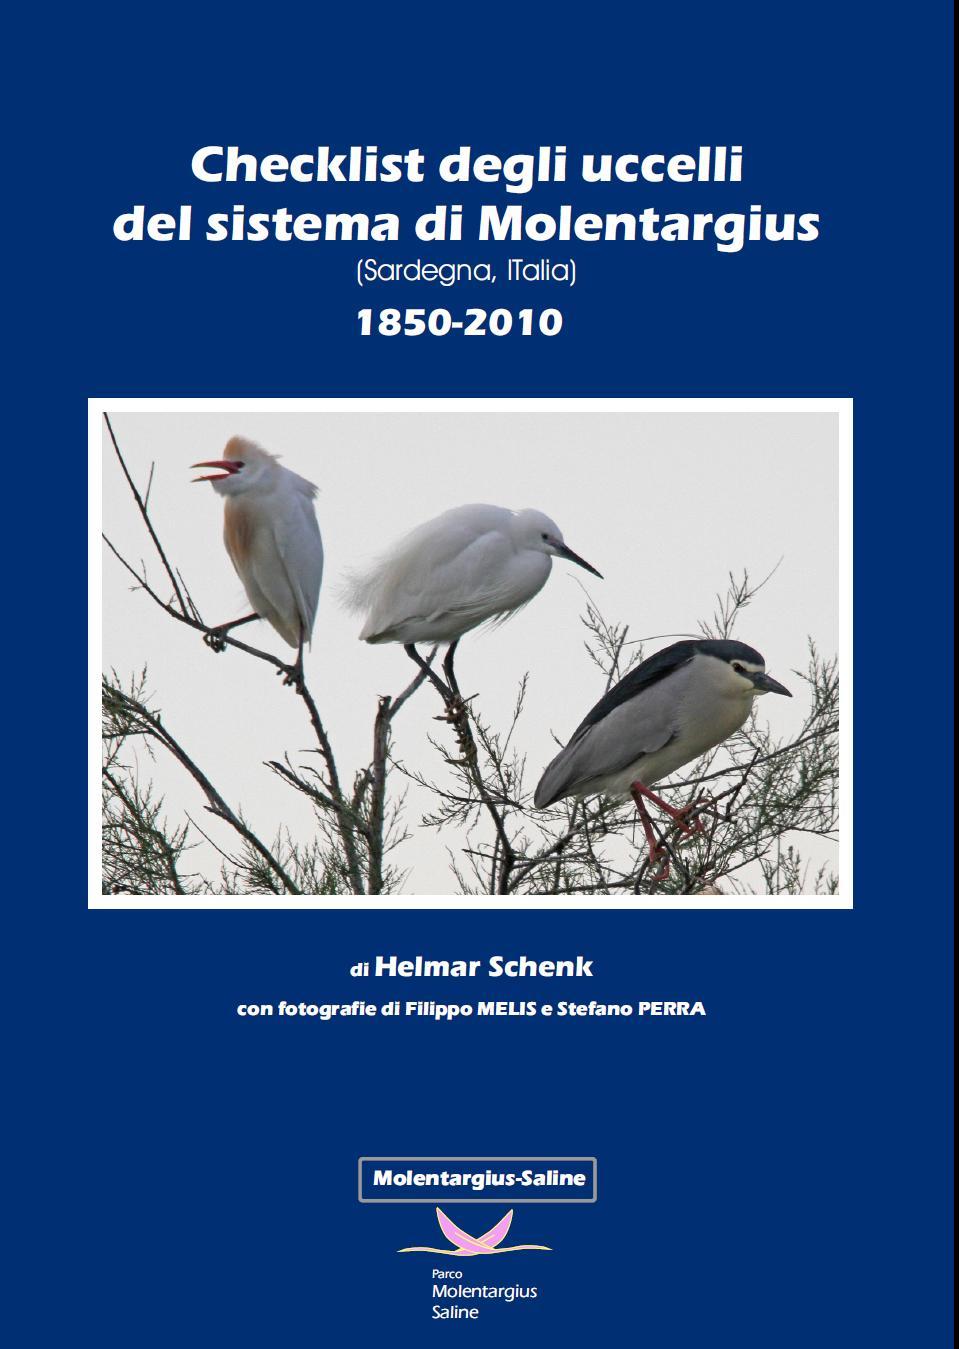 Checklist degli ucccelli del sistema di Molentargius